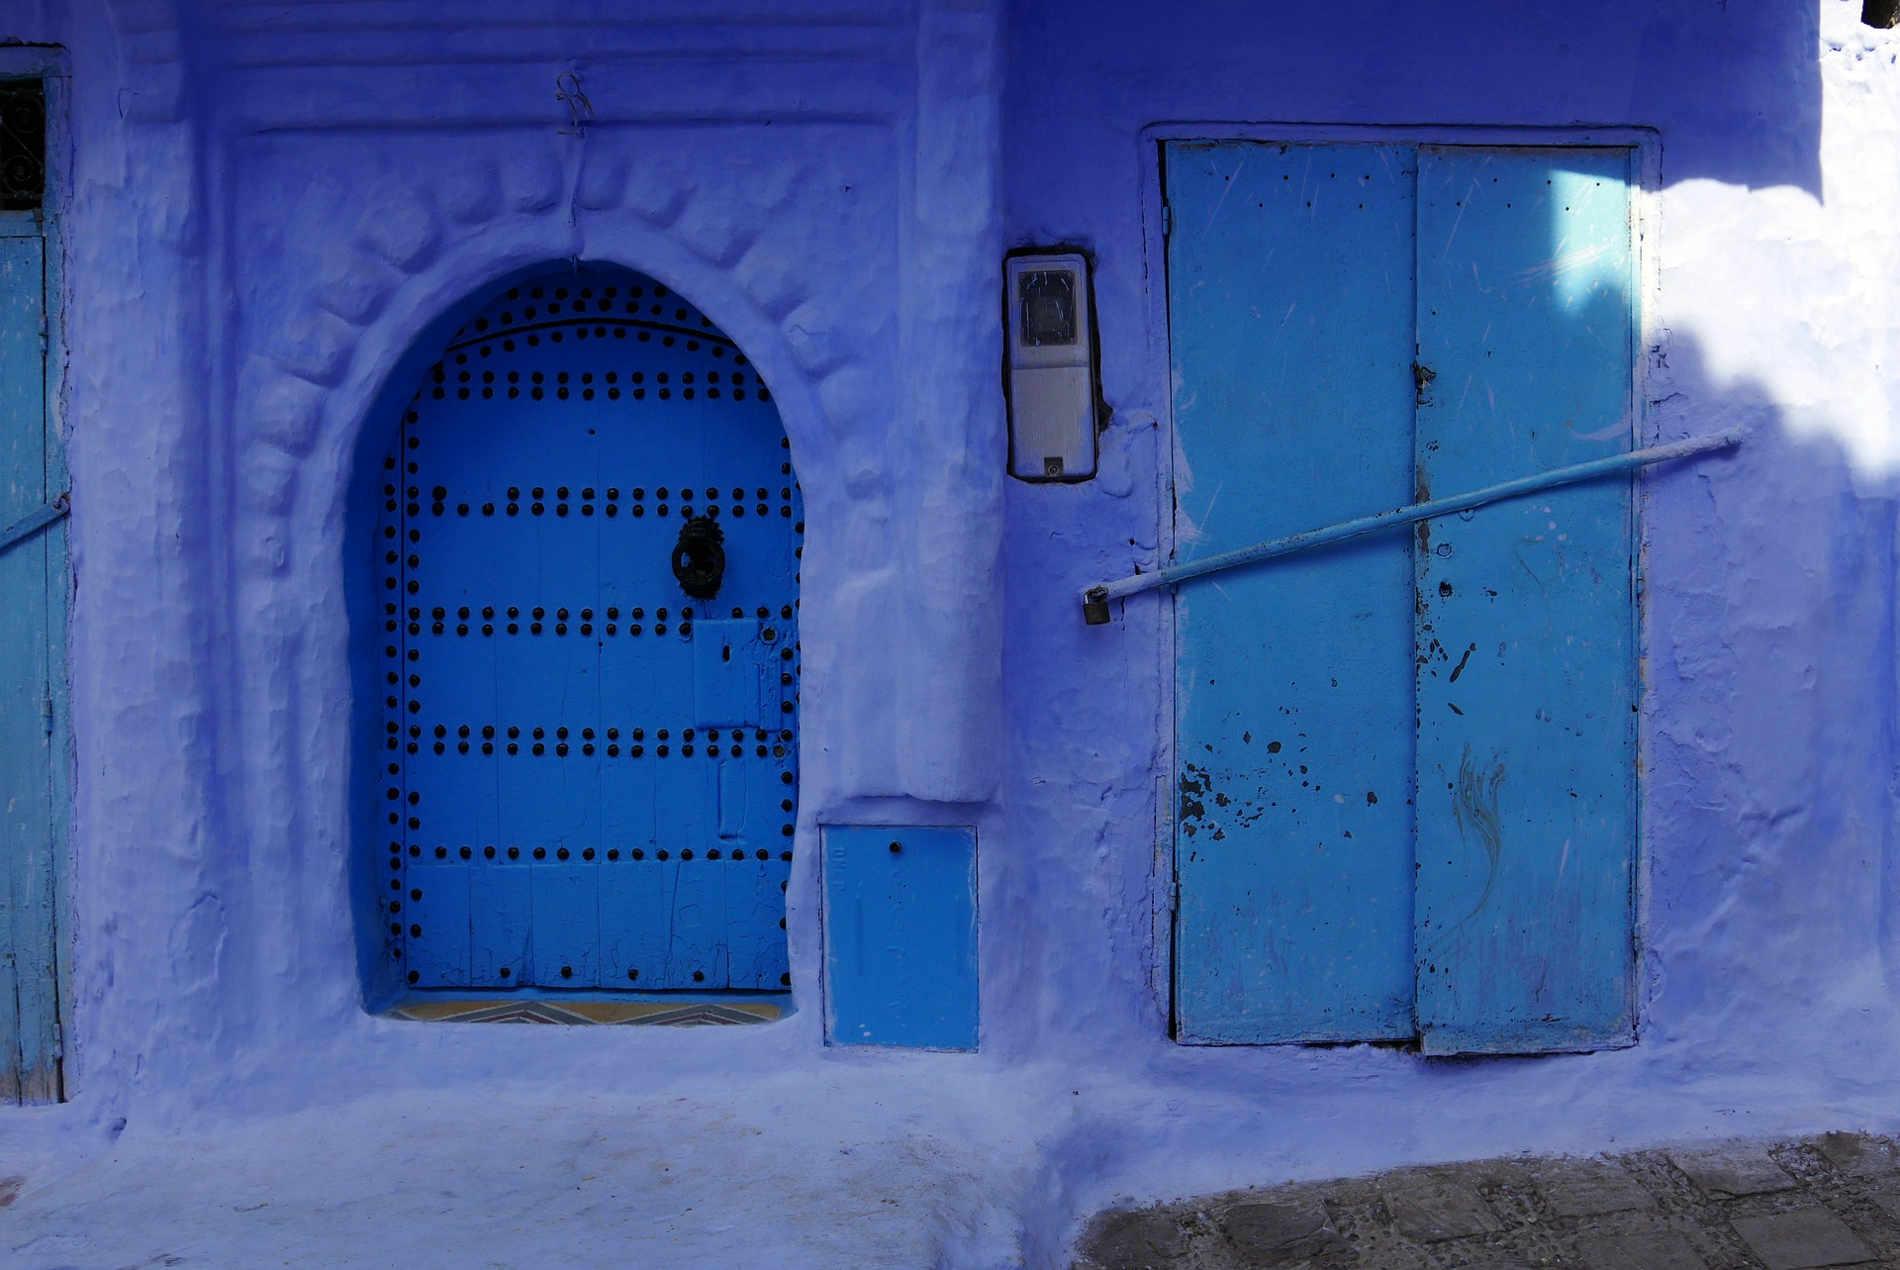 Chefchaouen _ La città blu del Marocco. Viaggio in Marocco